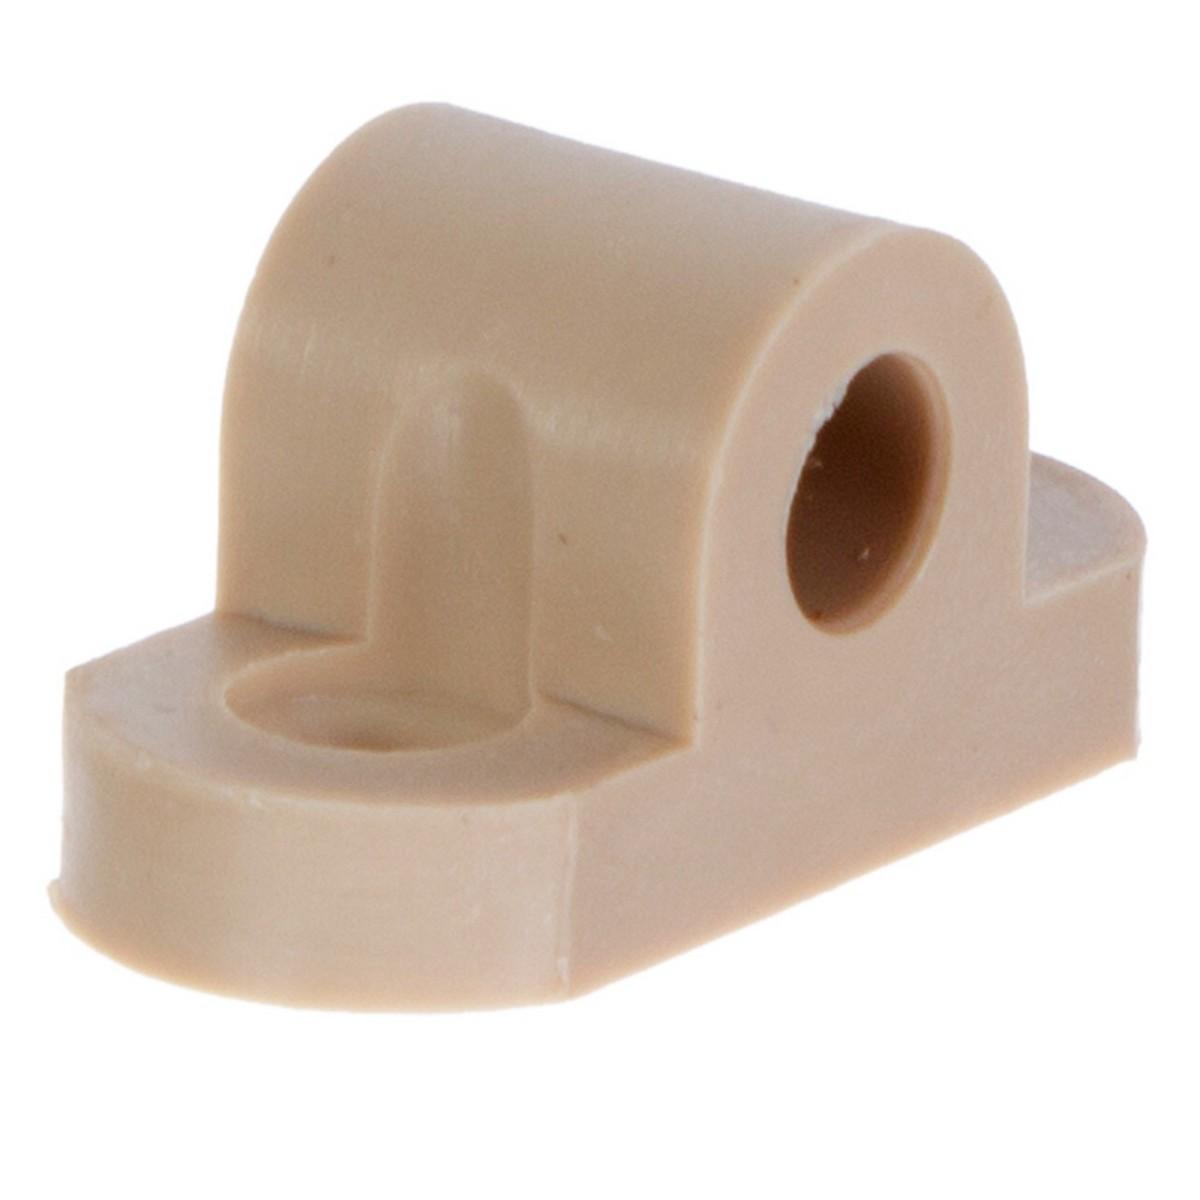 Кронейн Мебельный Крепеж Пластик Цвет Бежевый 8